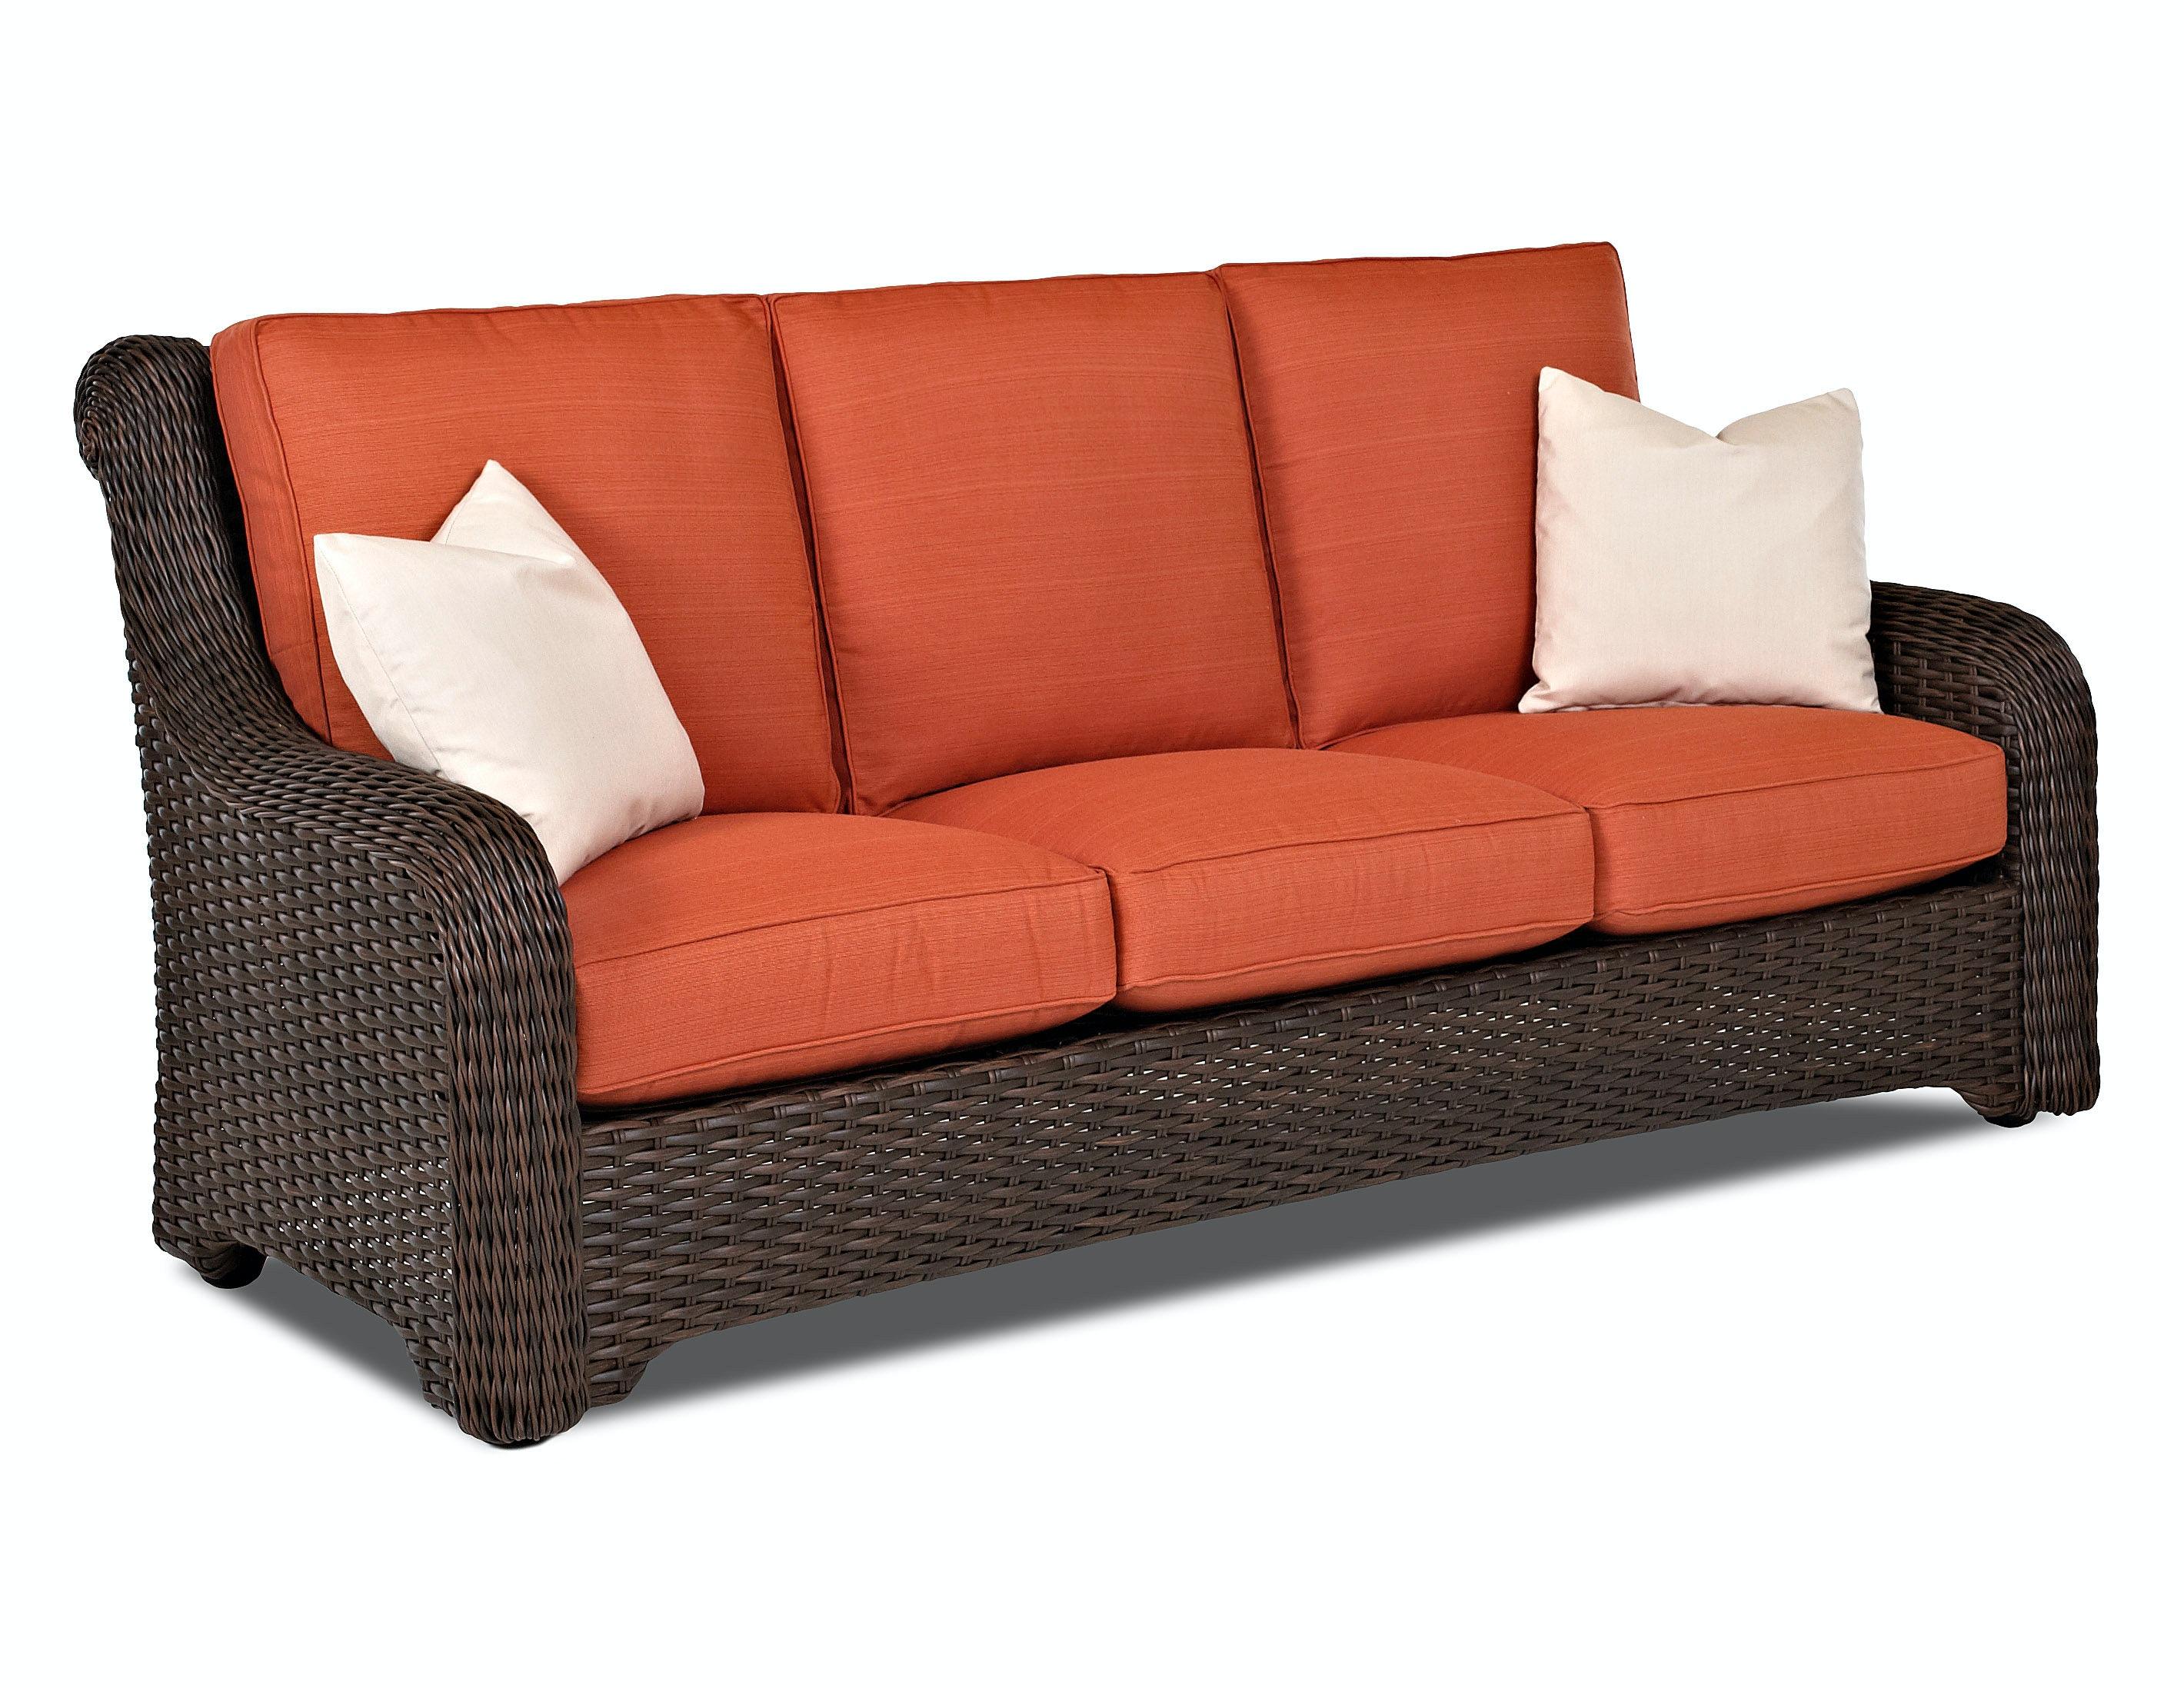 Klaussner Outdoor Outdoor Patio Laurel Sofa W1000 S Toms